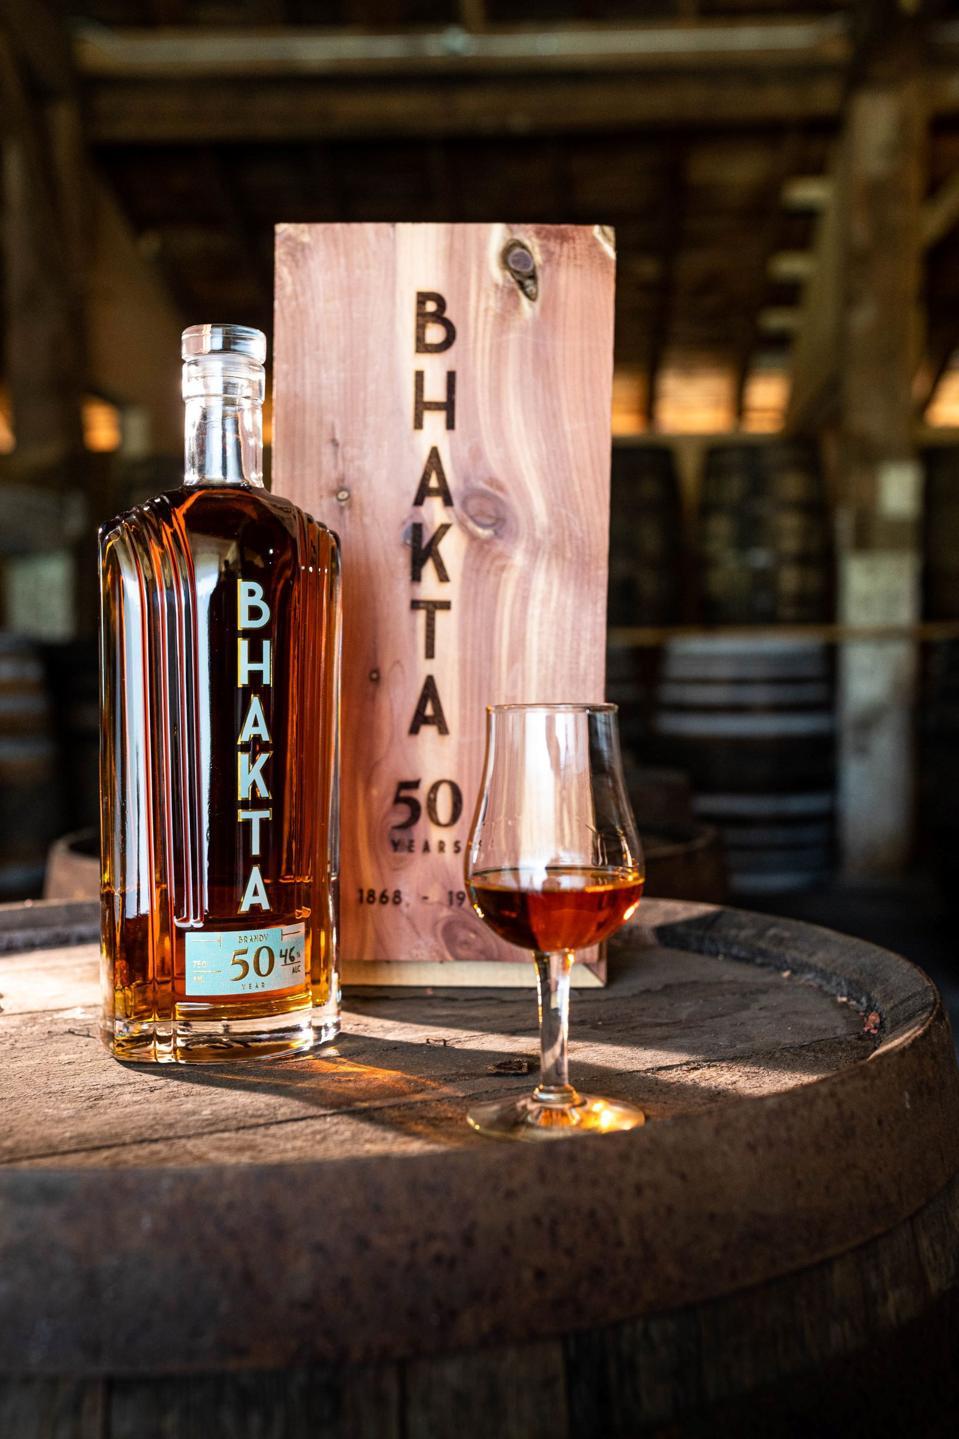 A bottle of Bhakta 50 Brandy